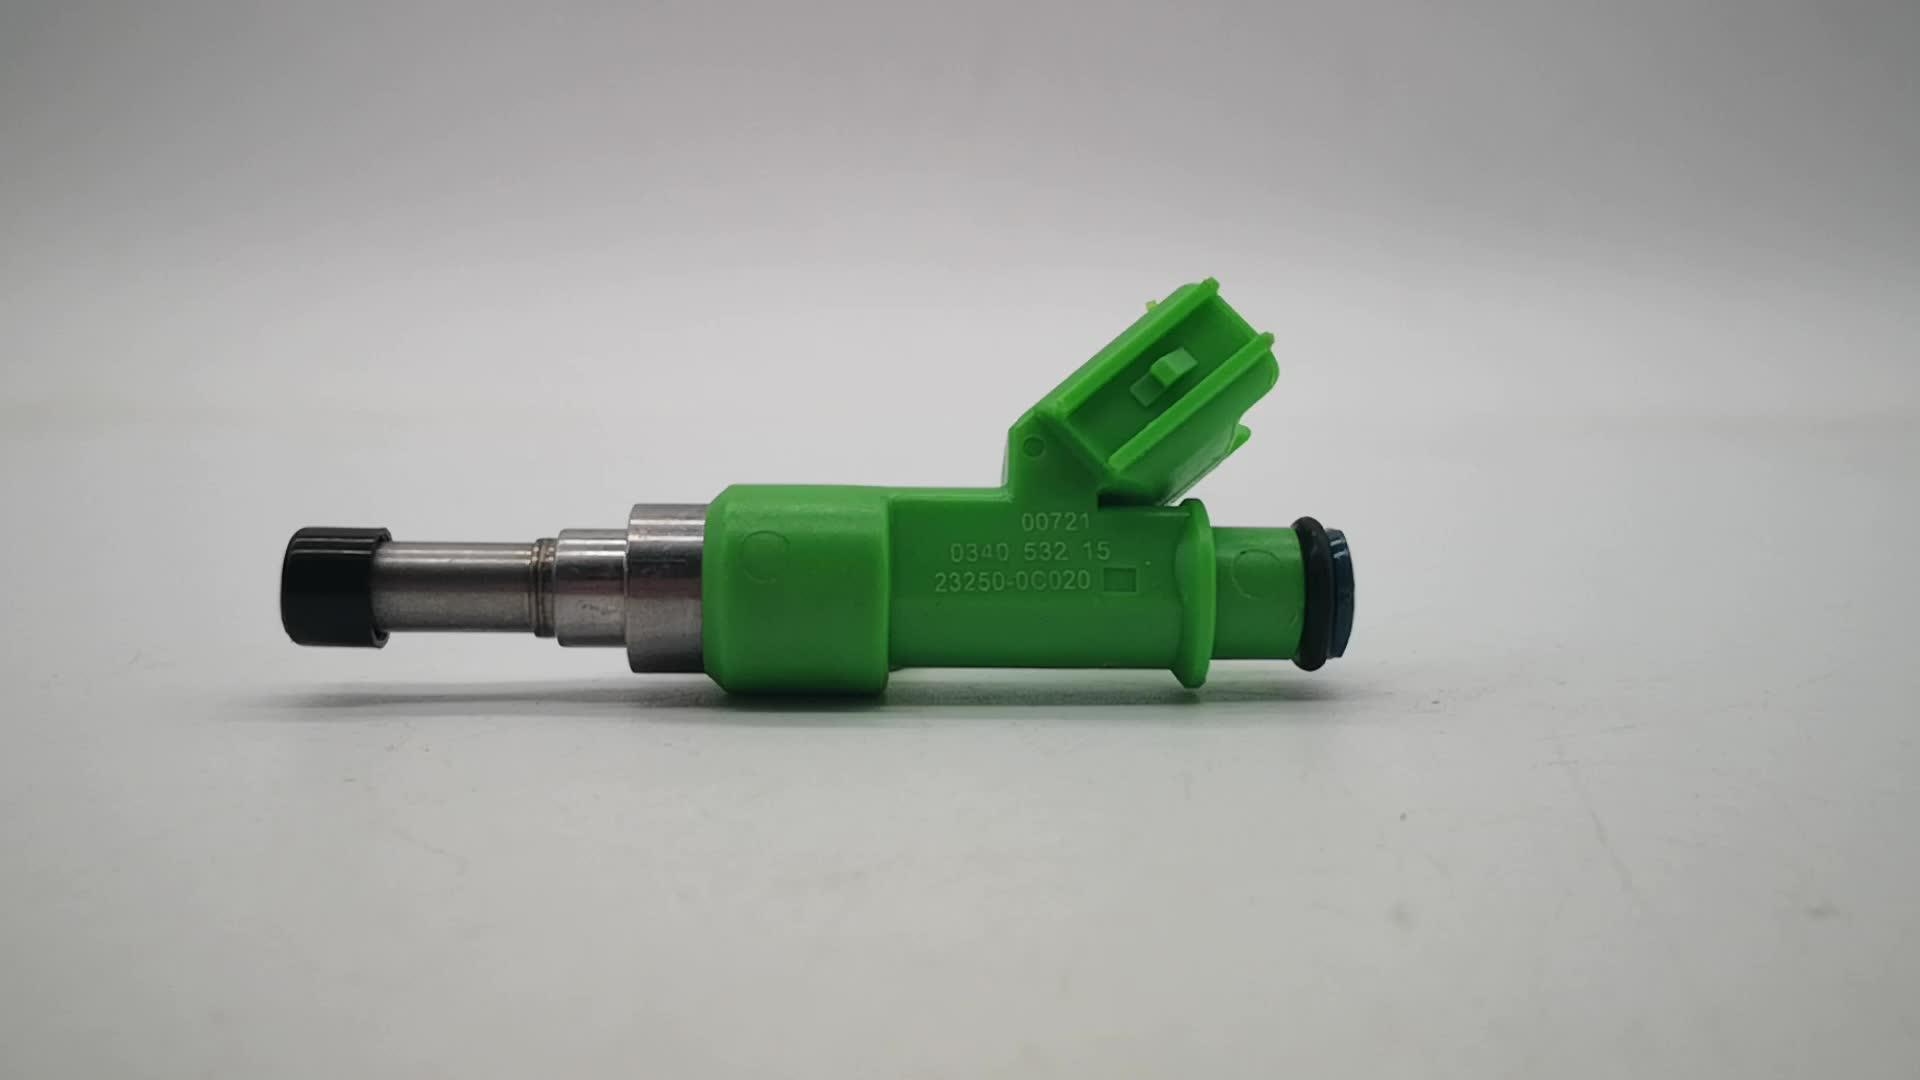 Benzinemotor Accessoires OEM Standaard Size 23250-0C020 Injector voor Toyota